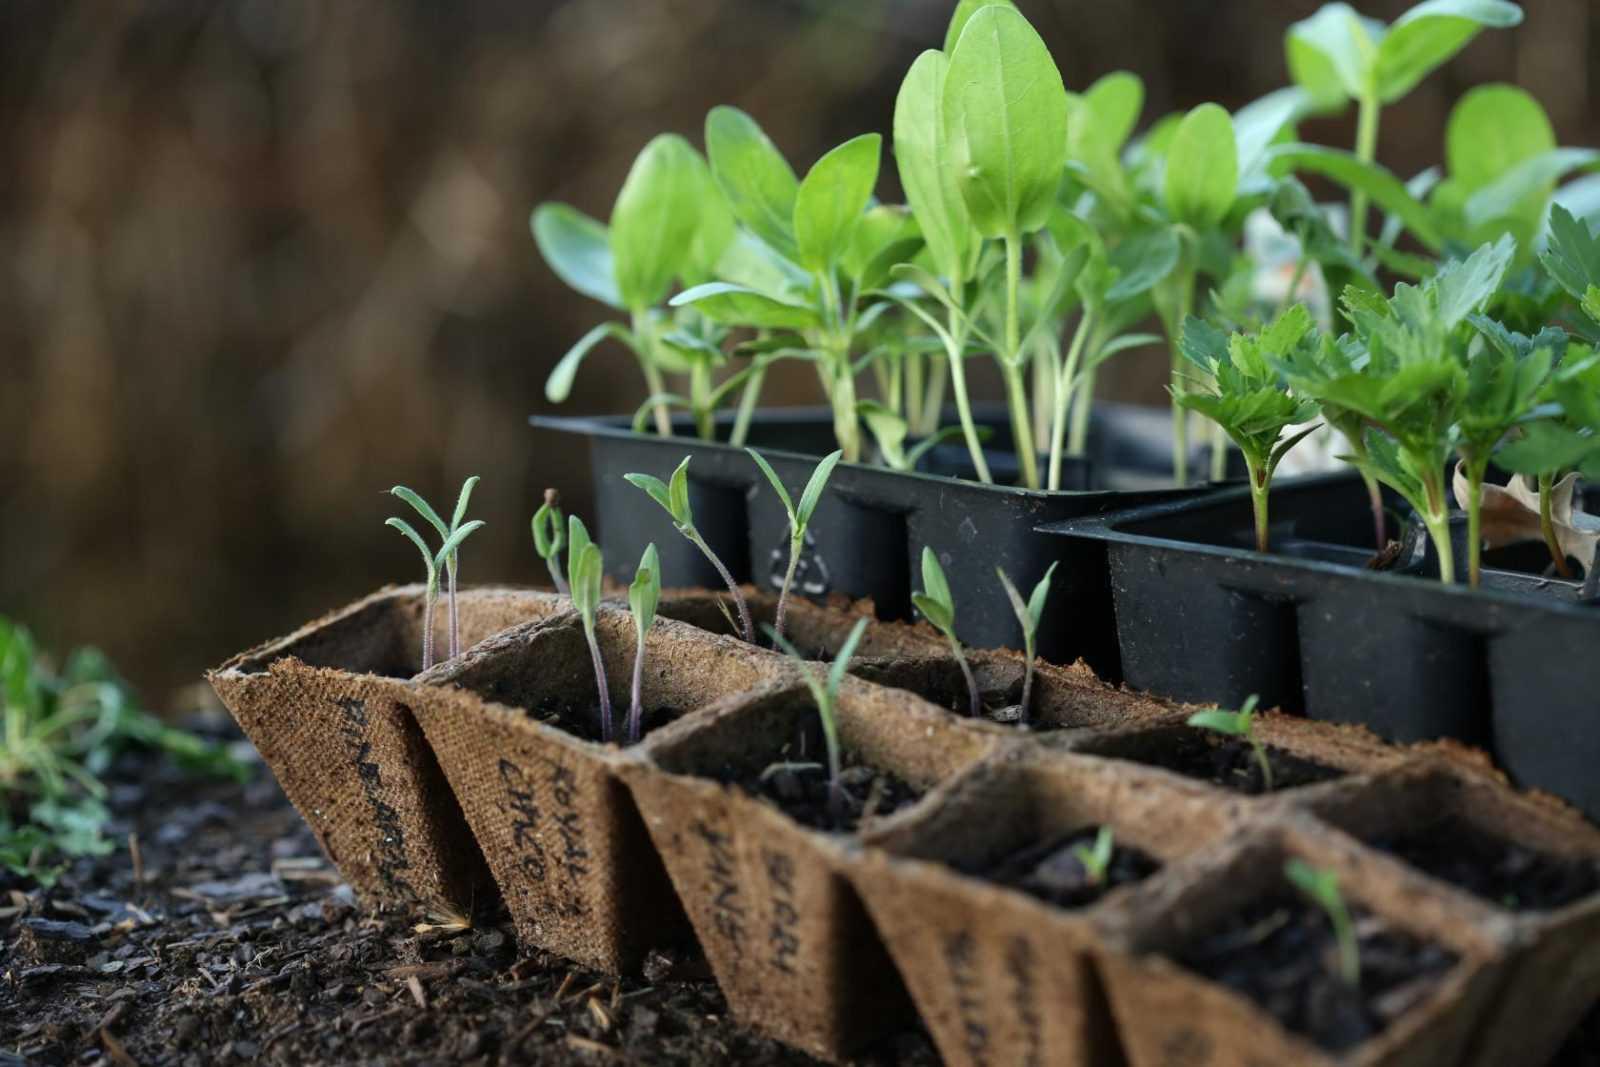 kak-podgotovit-semena-k-posevu-poleznye-sovety-i-rekomendatsii